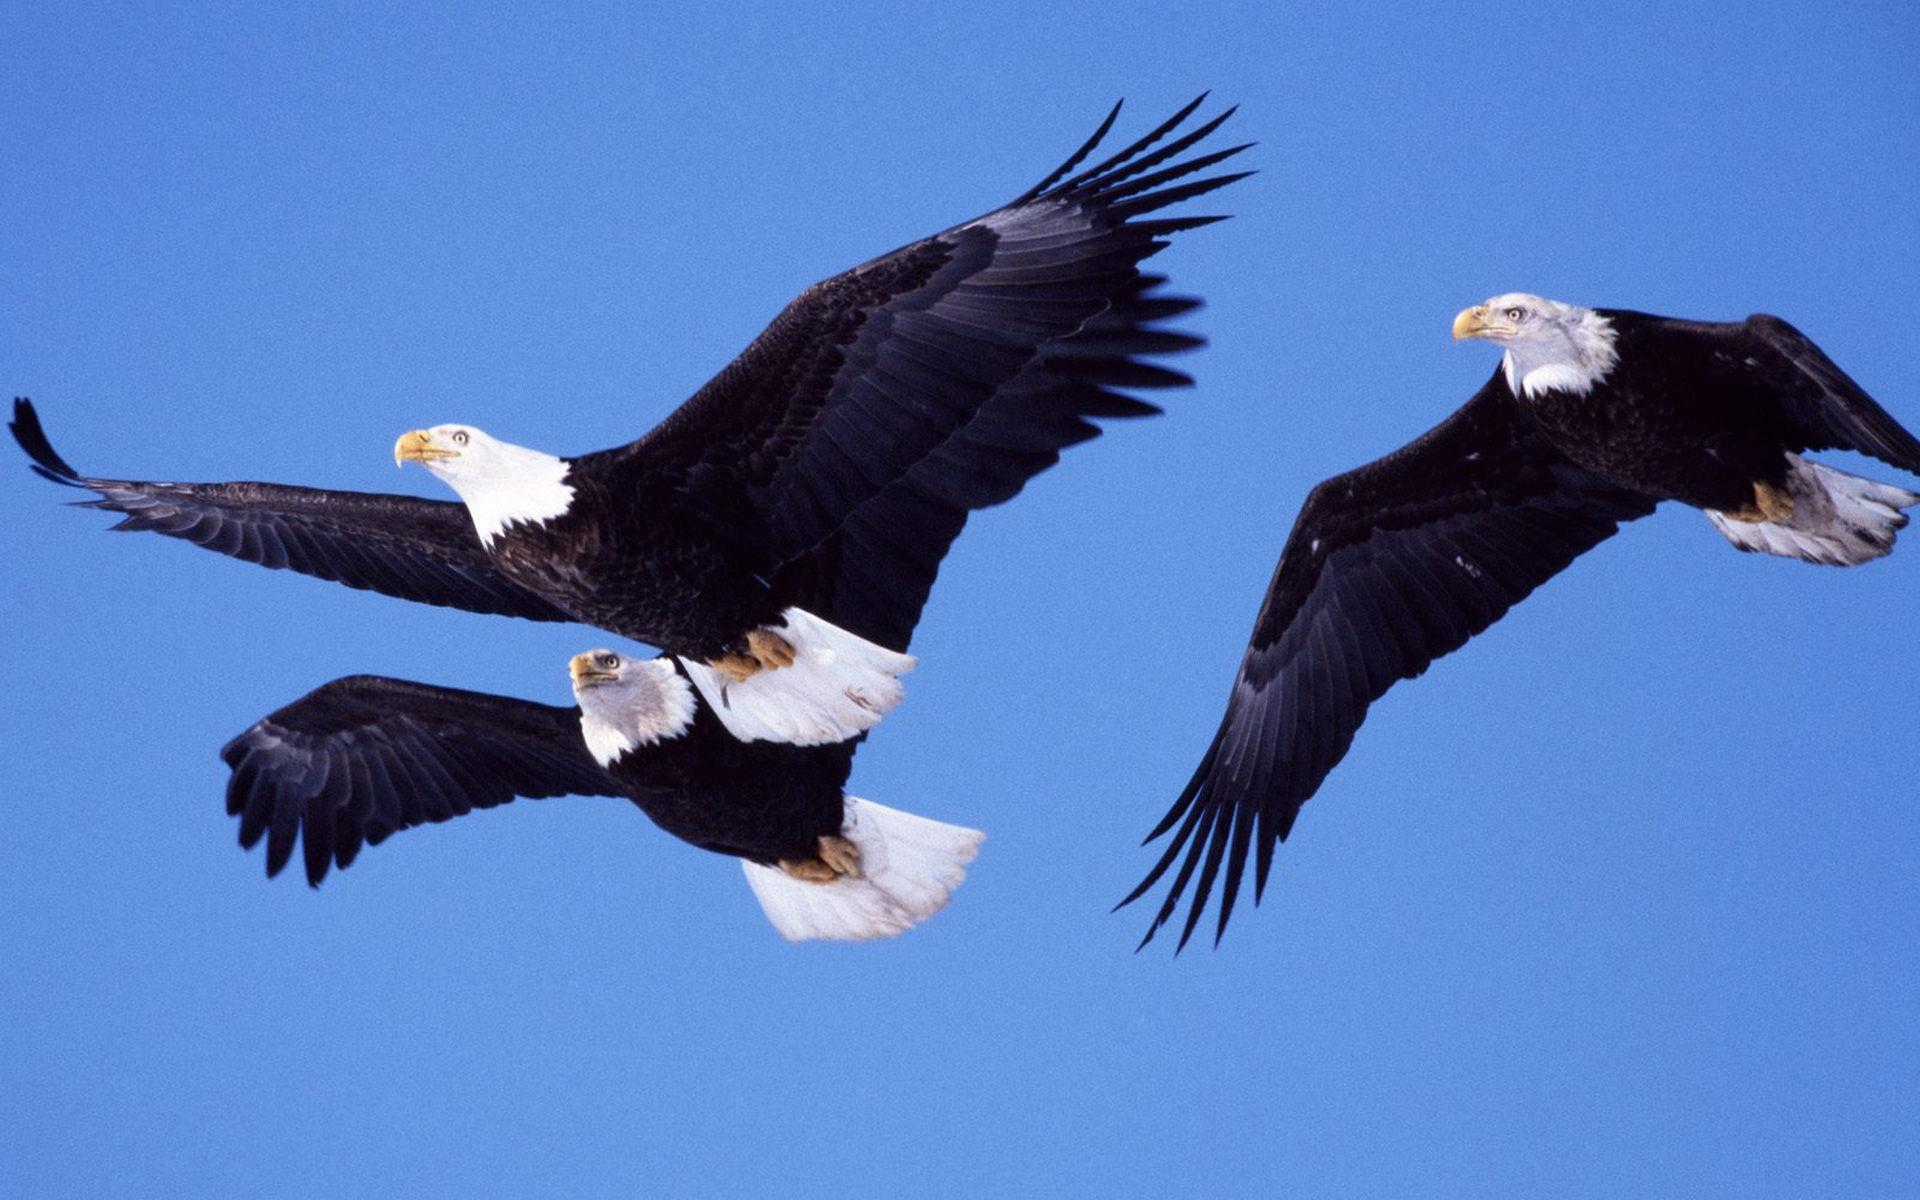 Картинка два орла в небе